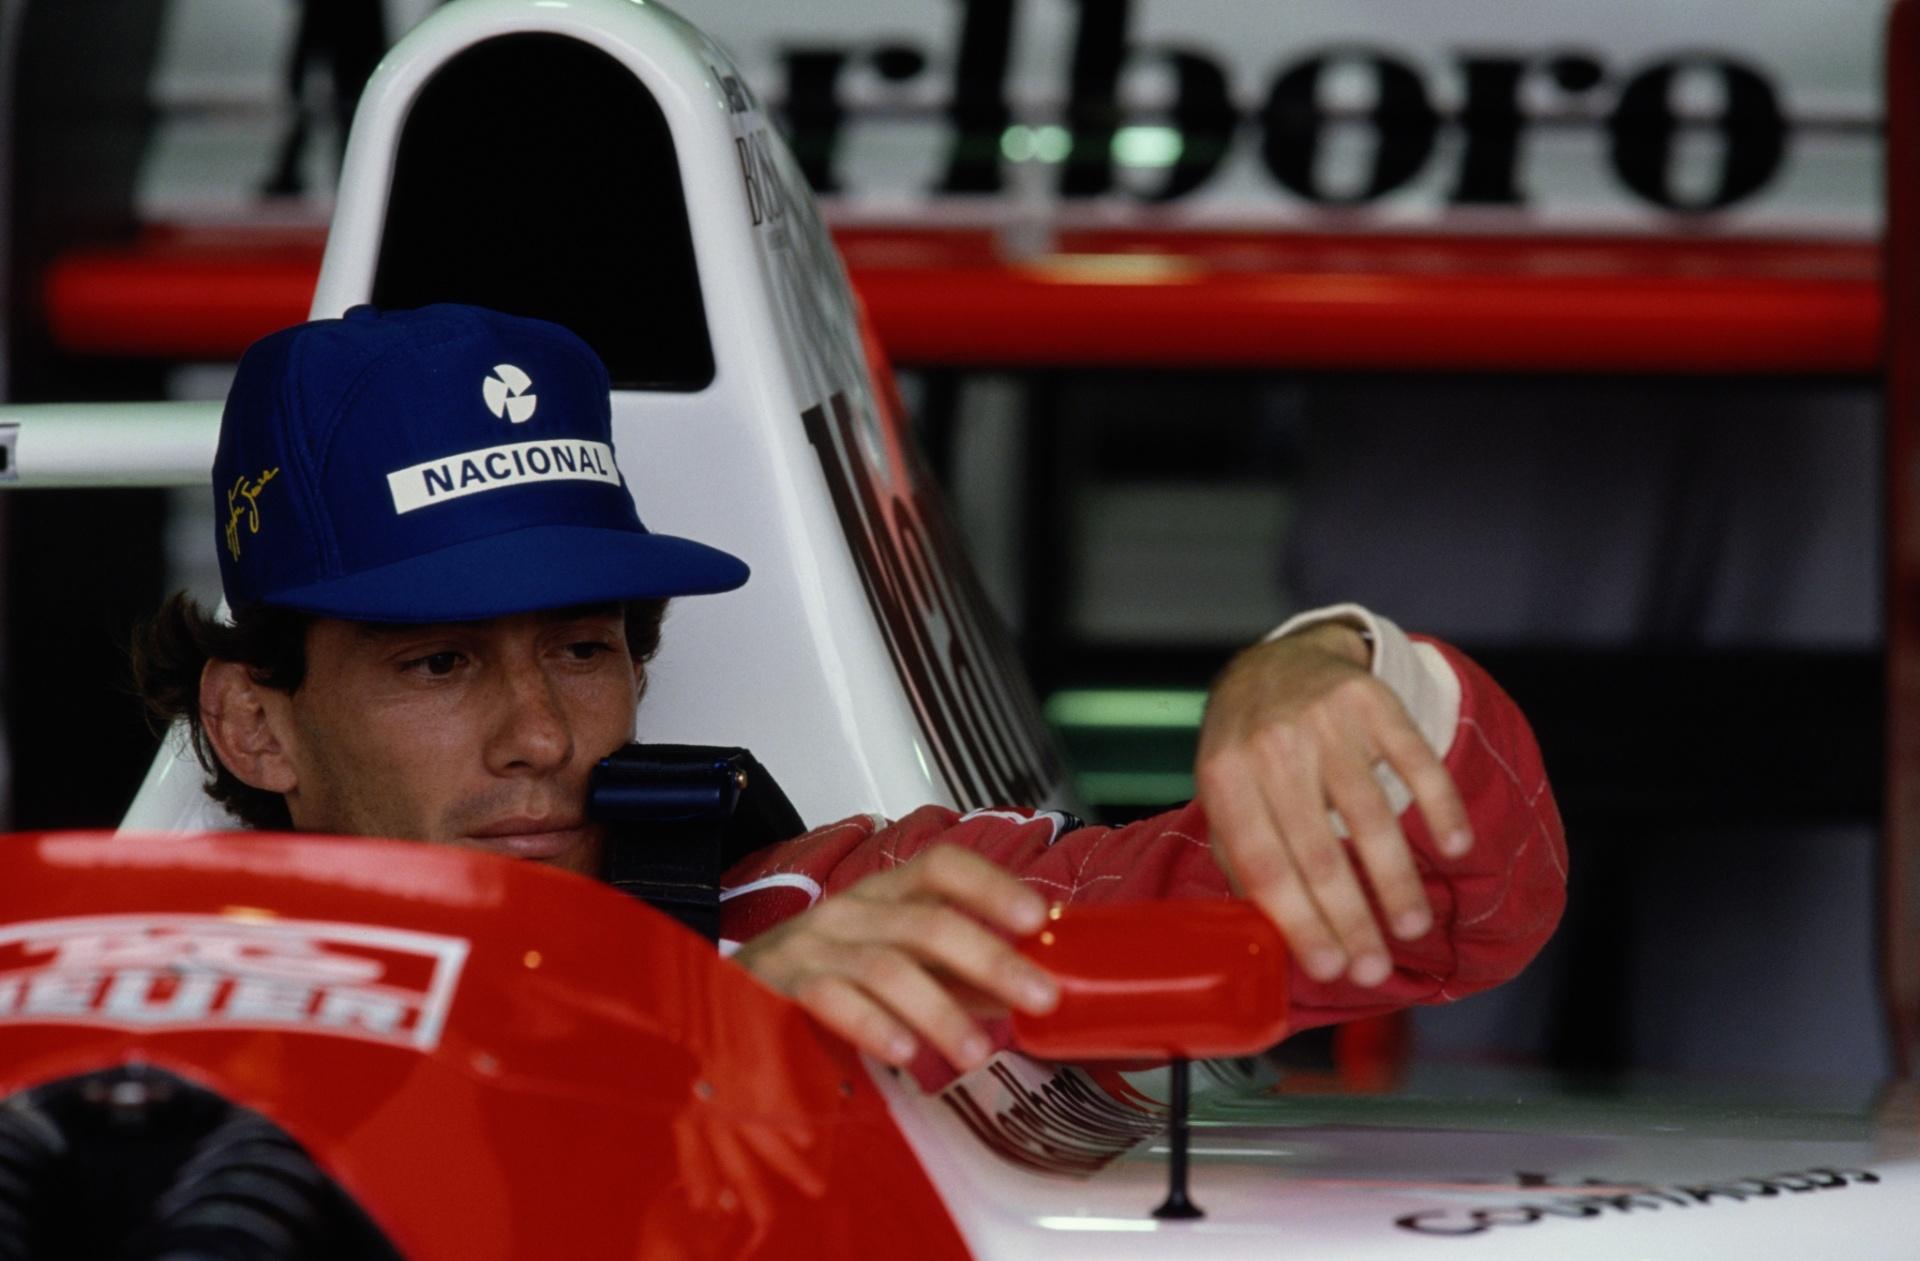 Vitória cedida por ordem e briga com Mansell. Conheça 10 histórias de Senna  - 20 10 2015 - UOL Esporte dc33cdf0894